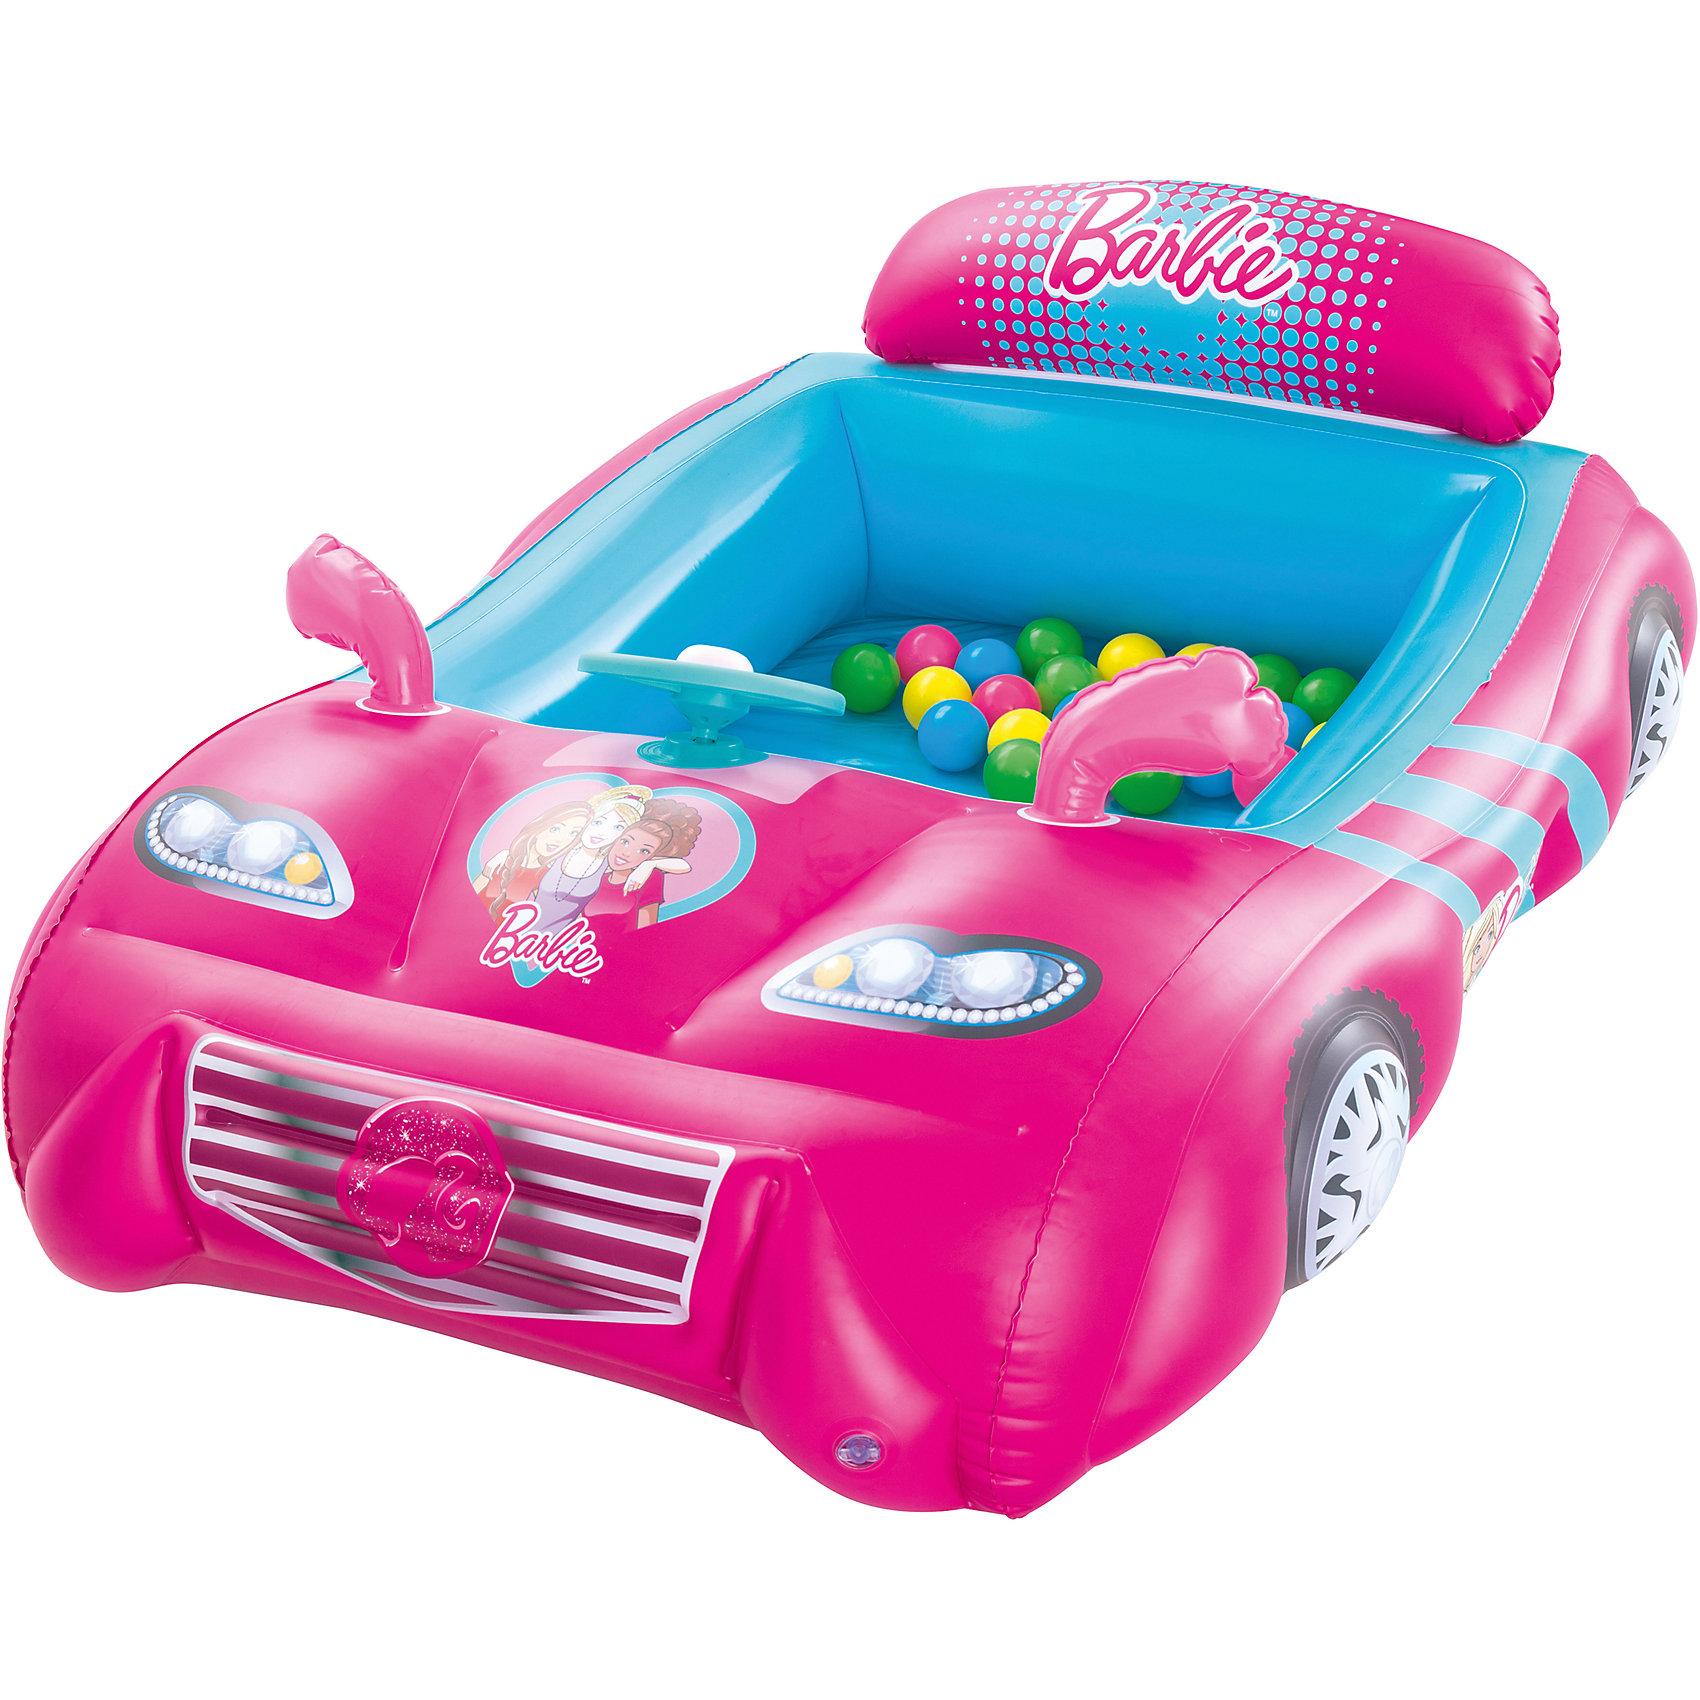 Игровой центр Машина с 25 шариками, Barbie, BestwayИгровые центры<br>Игровой центр Машина с 25 шариками, Barbie, Bestway (Бествей)<br><br>Характеристики:<br><br>• игровой центр в виде спортивной машины<br>• 25 разноцветных шариков в комплекте<br>• яркий дизайн в стиле Барби<br>• прочная конструкция<br>• есть предохранительные клапаны<br>• размер упаковки: 45х25х45 см<br>• вес: 2218 грамм<br><br>Яркий игровой центр позволит девочке почувствовать себя настоящей водительницей спортивной машины. Центр изготовлен из прочного поливинилхлорида. Конструкция устойчиво располагается на гладкой поверхности. Игровой центр выполнен в виде роскошного автомобиля с оформлением в стиле полюбившихся Барби. В комплект входят 25 разноцветных шариков, которым кроха обязательно найдет применение.<br><br>Игровой центр Машина с 25 шариками, Barbie, Bestway (Бествей) можно купить в нашем интернет-магазине.<br><br>Ширина мм: 455<br>Глубина мм: 415<br>Высота мм: 410<br>Вес г: 2218<br>Возраст от месяцев: 24<br>Возраст до месяцев: 2147483647<br>Пол: Женский<br>Возраст: Детский<br>SKU: 5486974